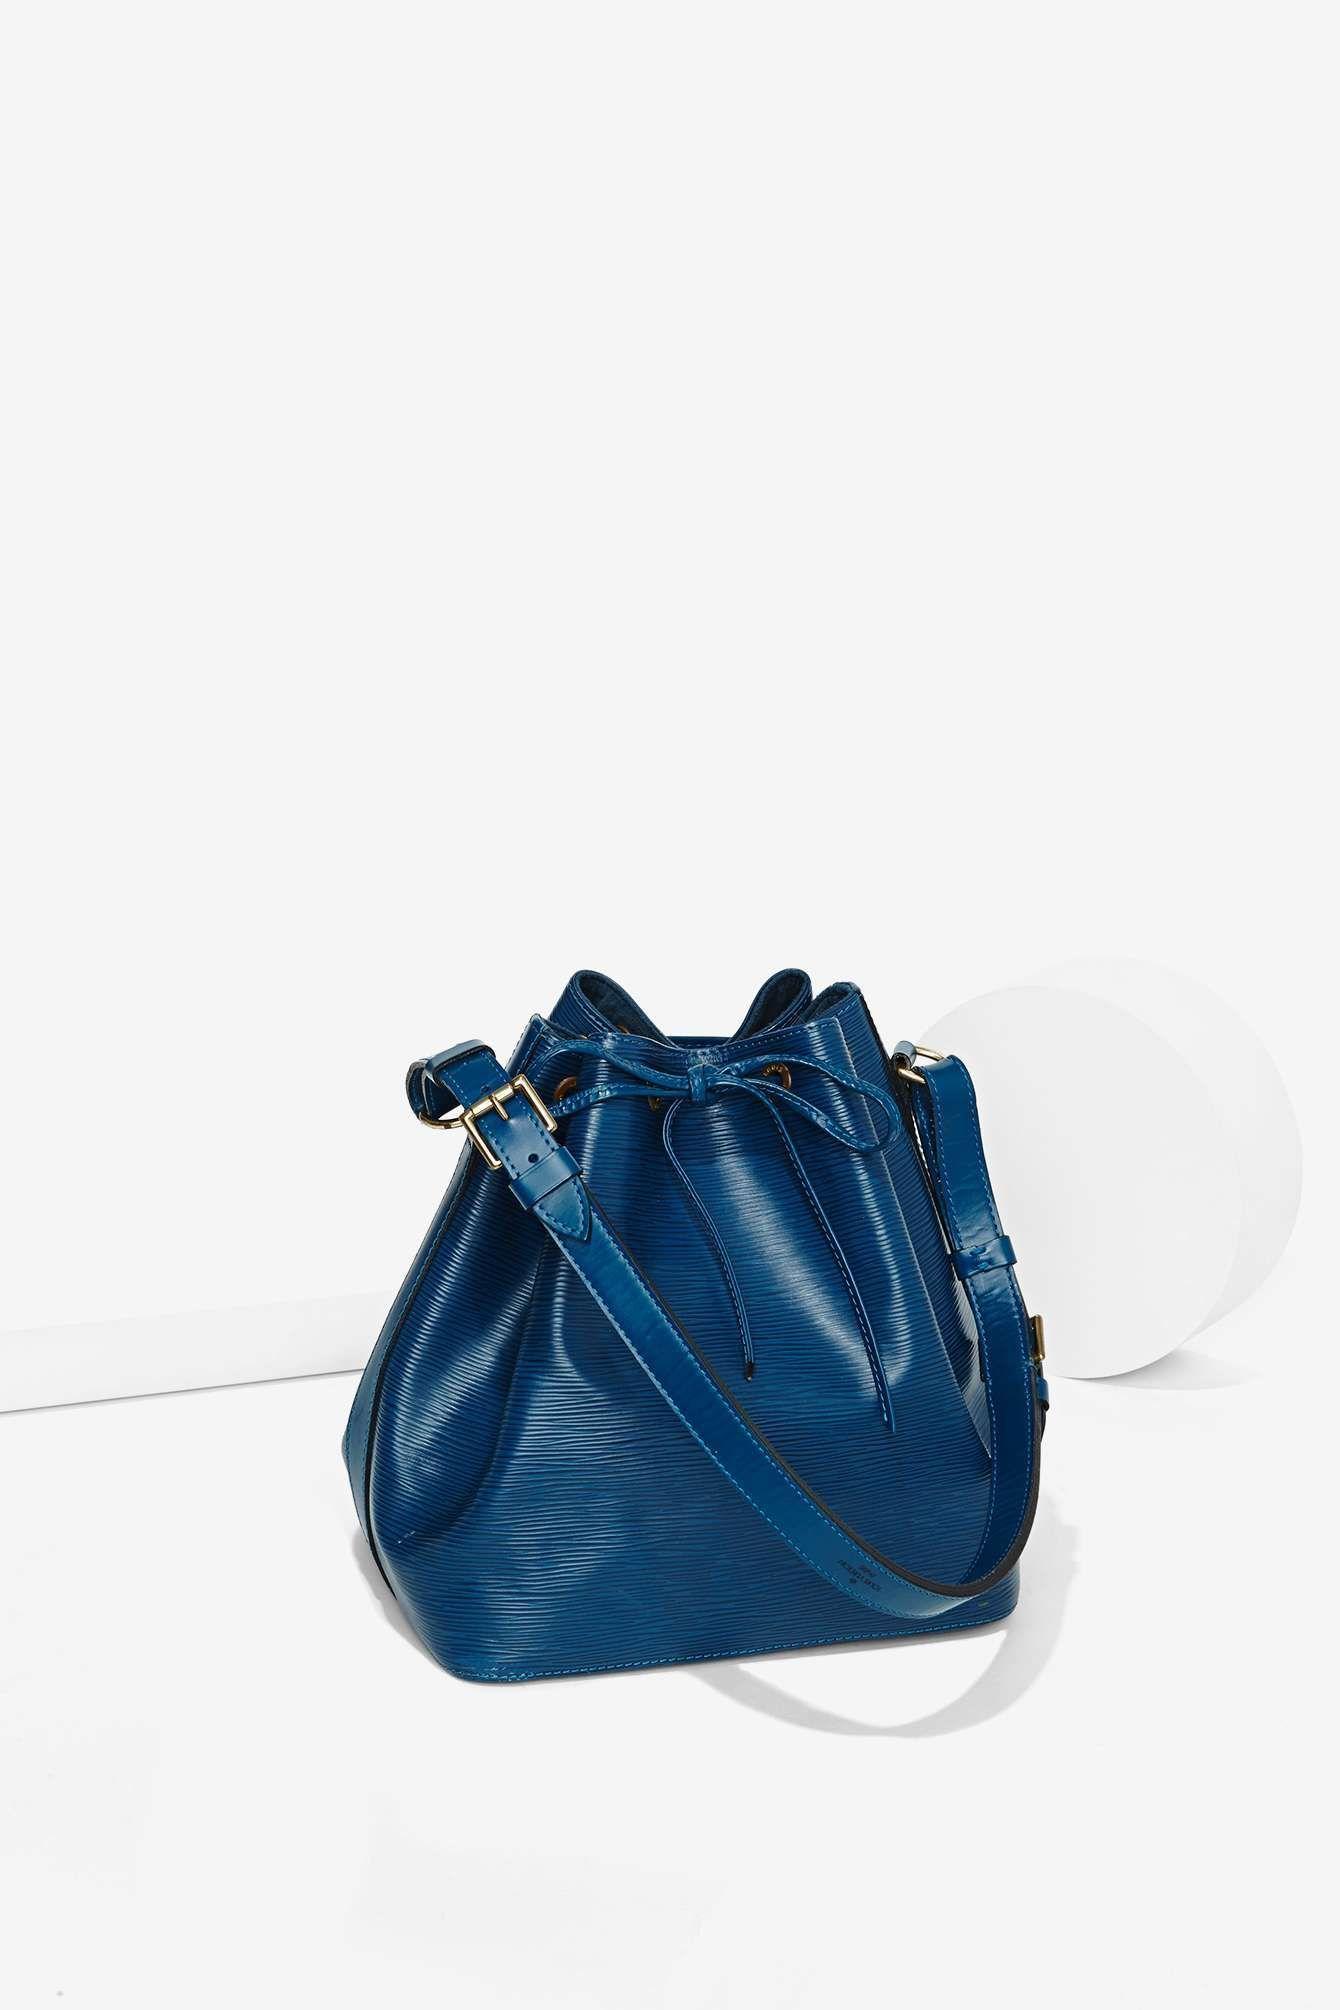 8c416a5c1f2f Vintage Louis Vuitton Petit Noe Epi Leather Bag - Blue